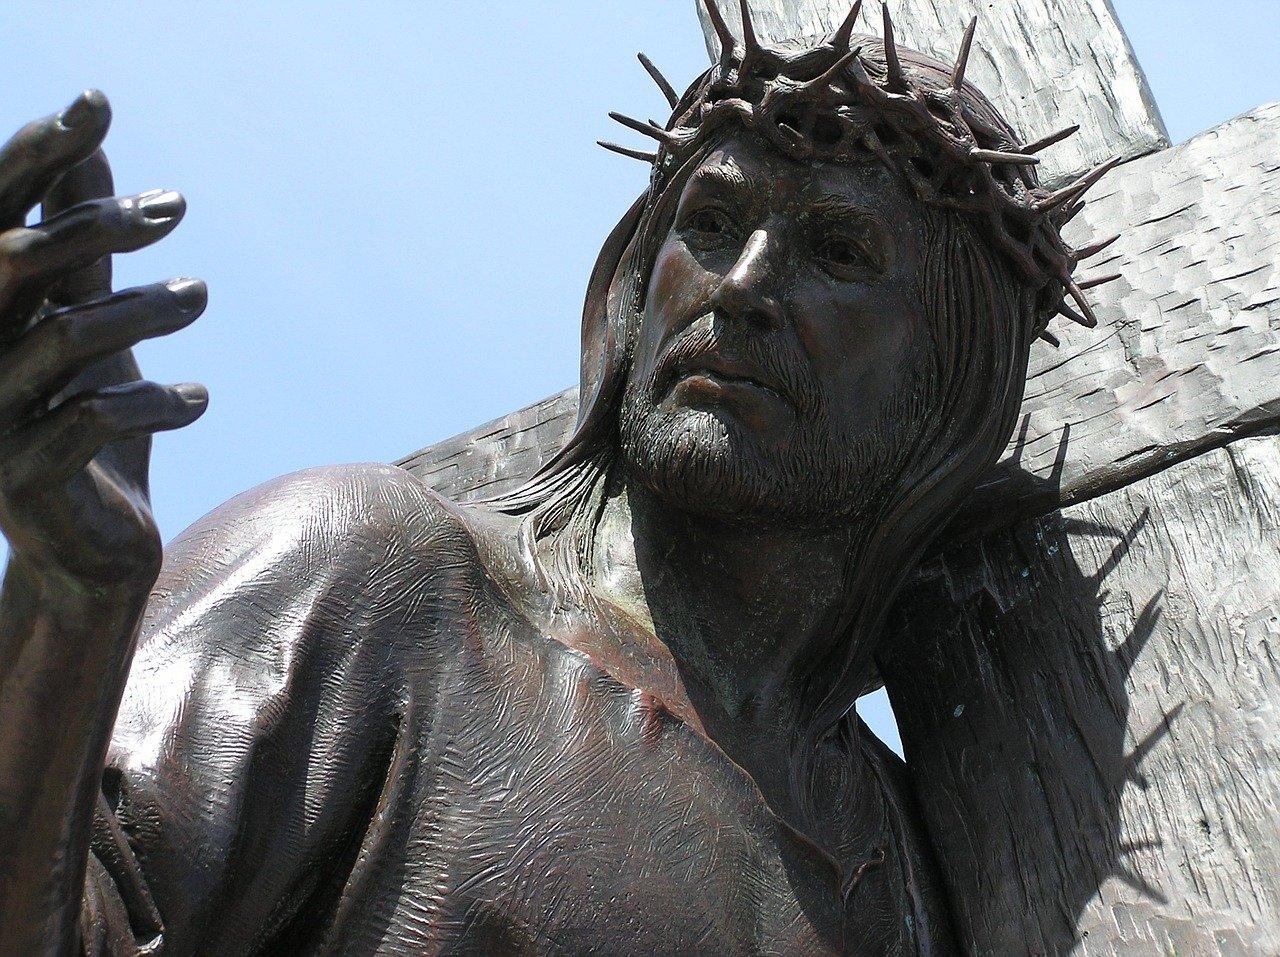 Les difficultés posées par le déplacement d'une statue ancienne et précieuse